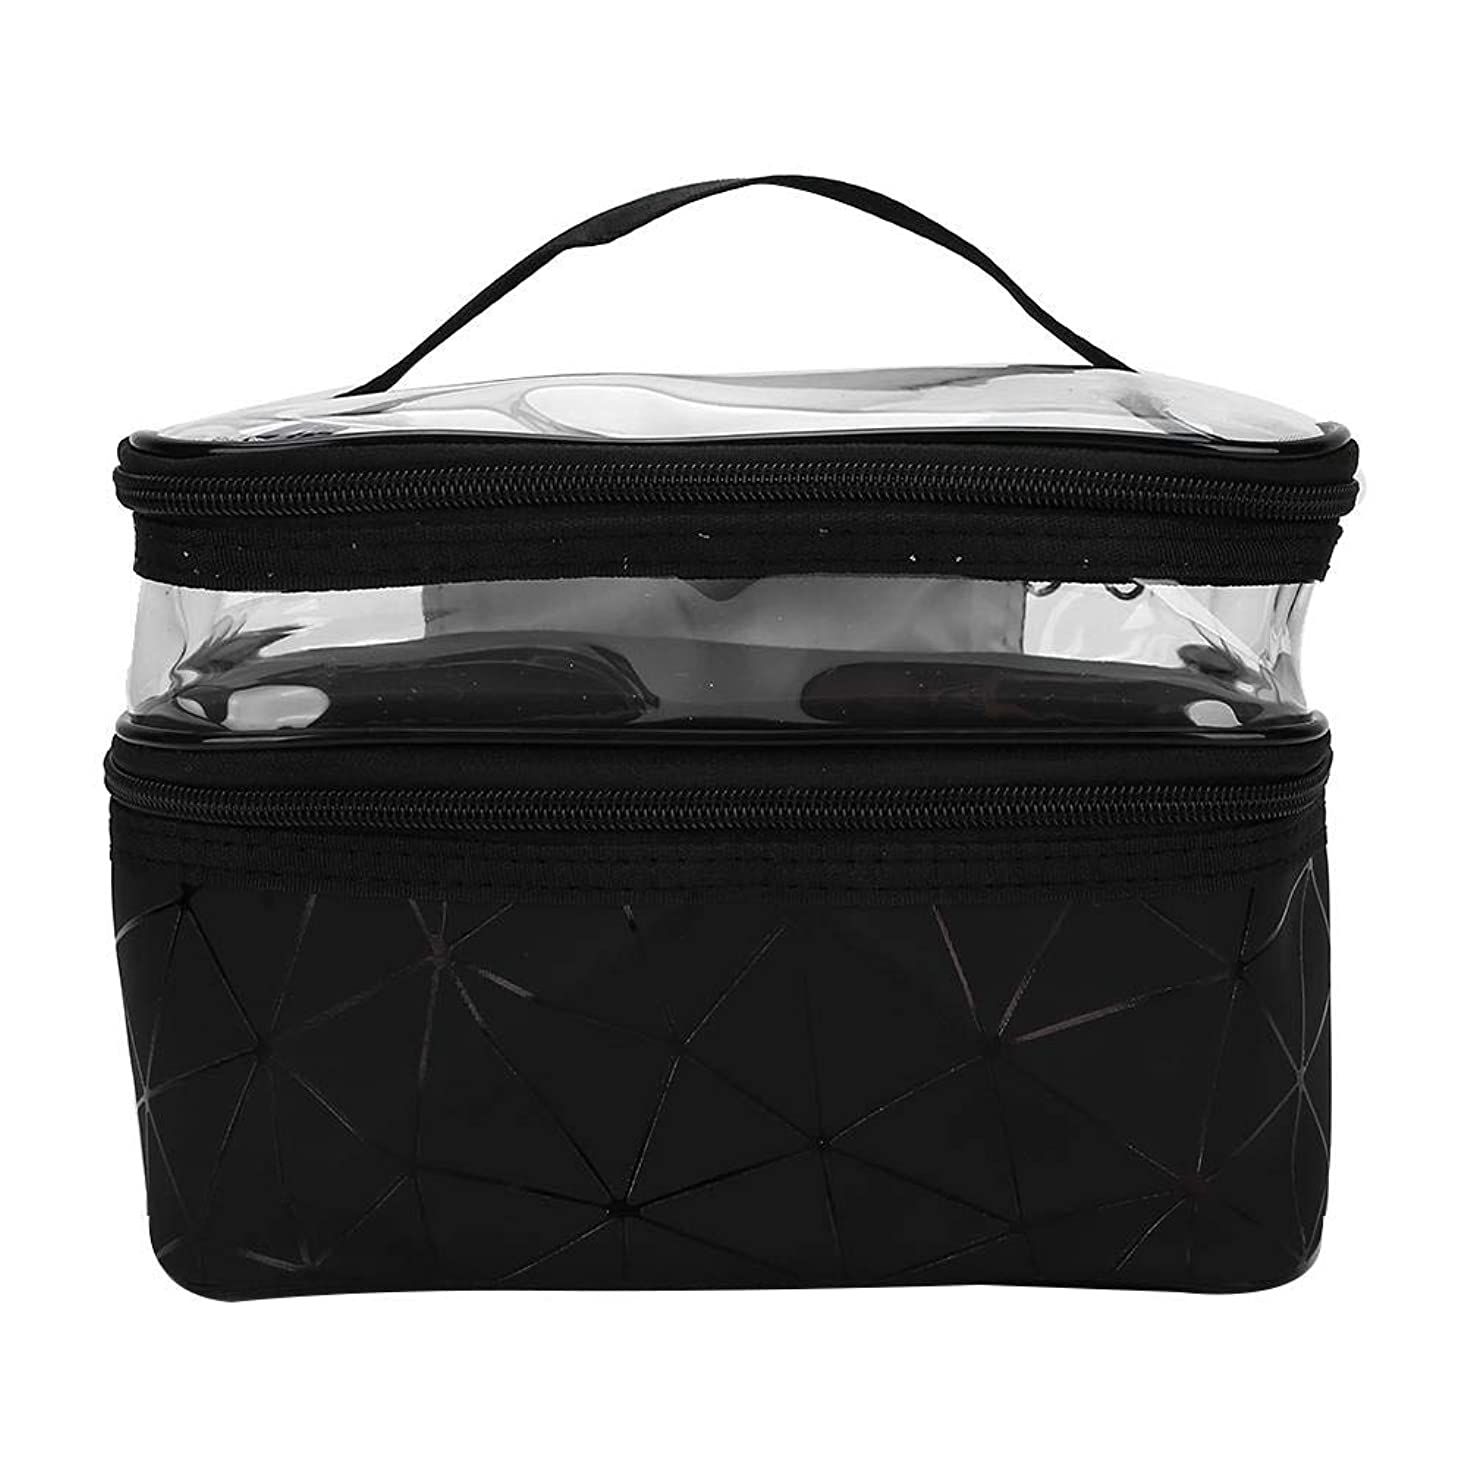 コンテスト比類なき裕福な収納袋Mulifunctional化粧ケース2層ポータブル化粧バッグトイレタリー収納オーガナイザー(黒)